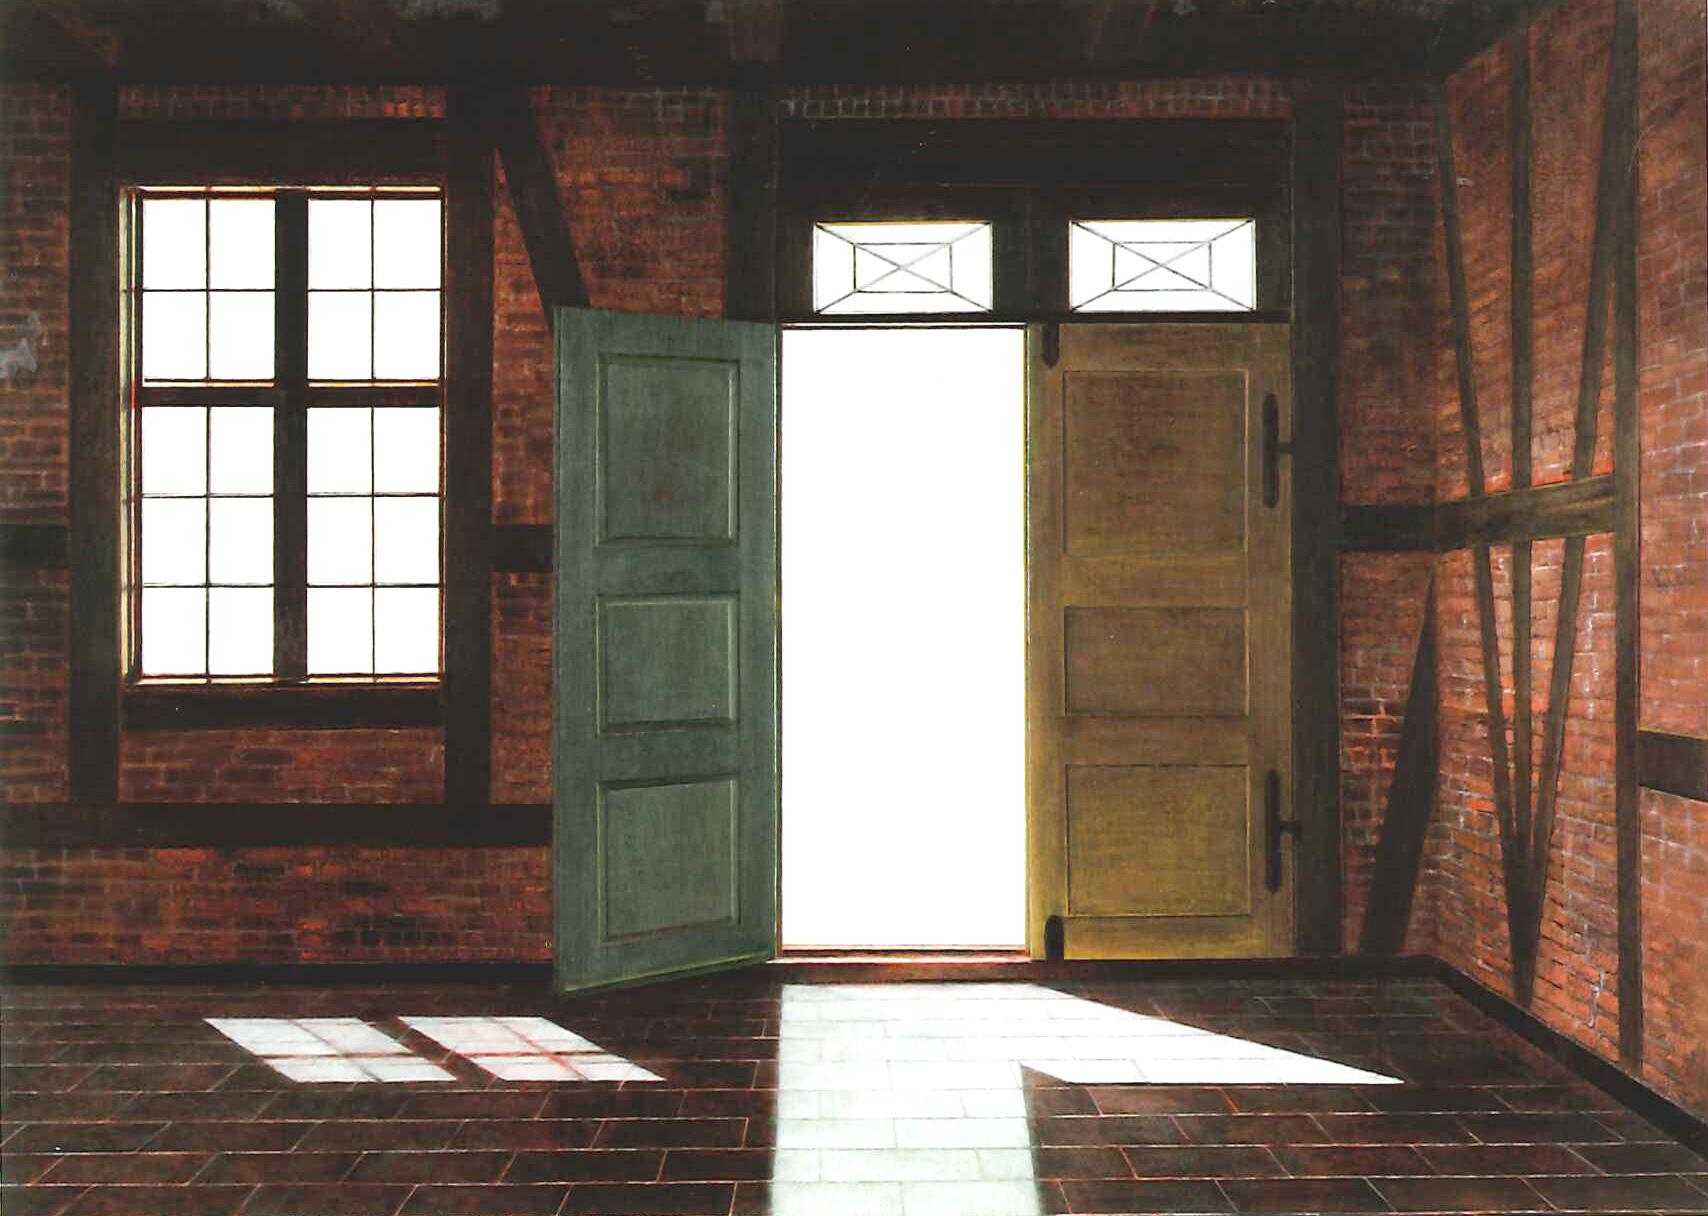 """Ida Lorentzen, """"Fra Glasshytten"""", 2005. Foto fra Blaafarveværkets Samling. (c) Ida Lorentzen / BONO 2011"""